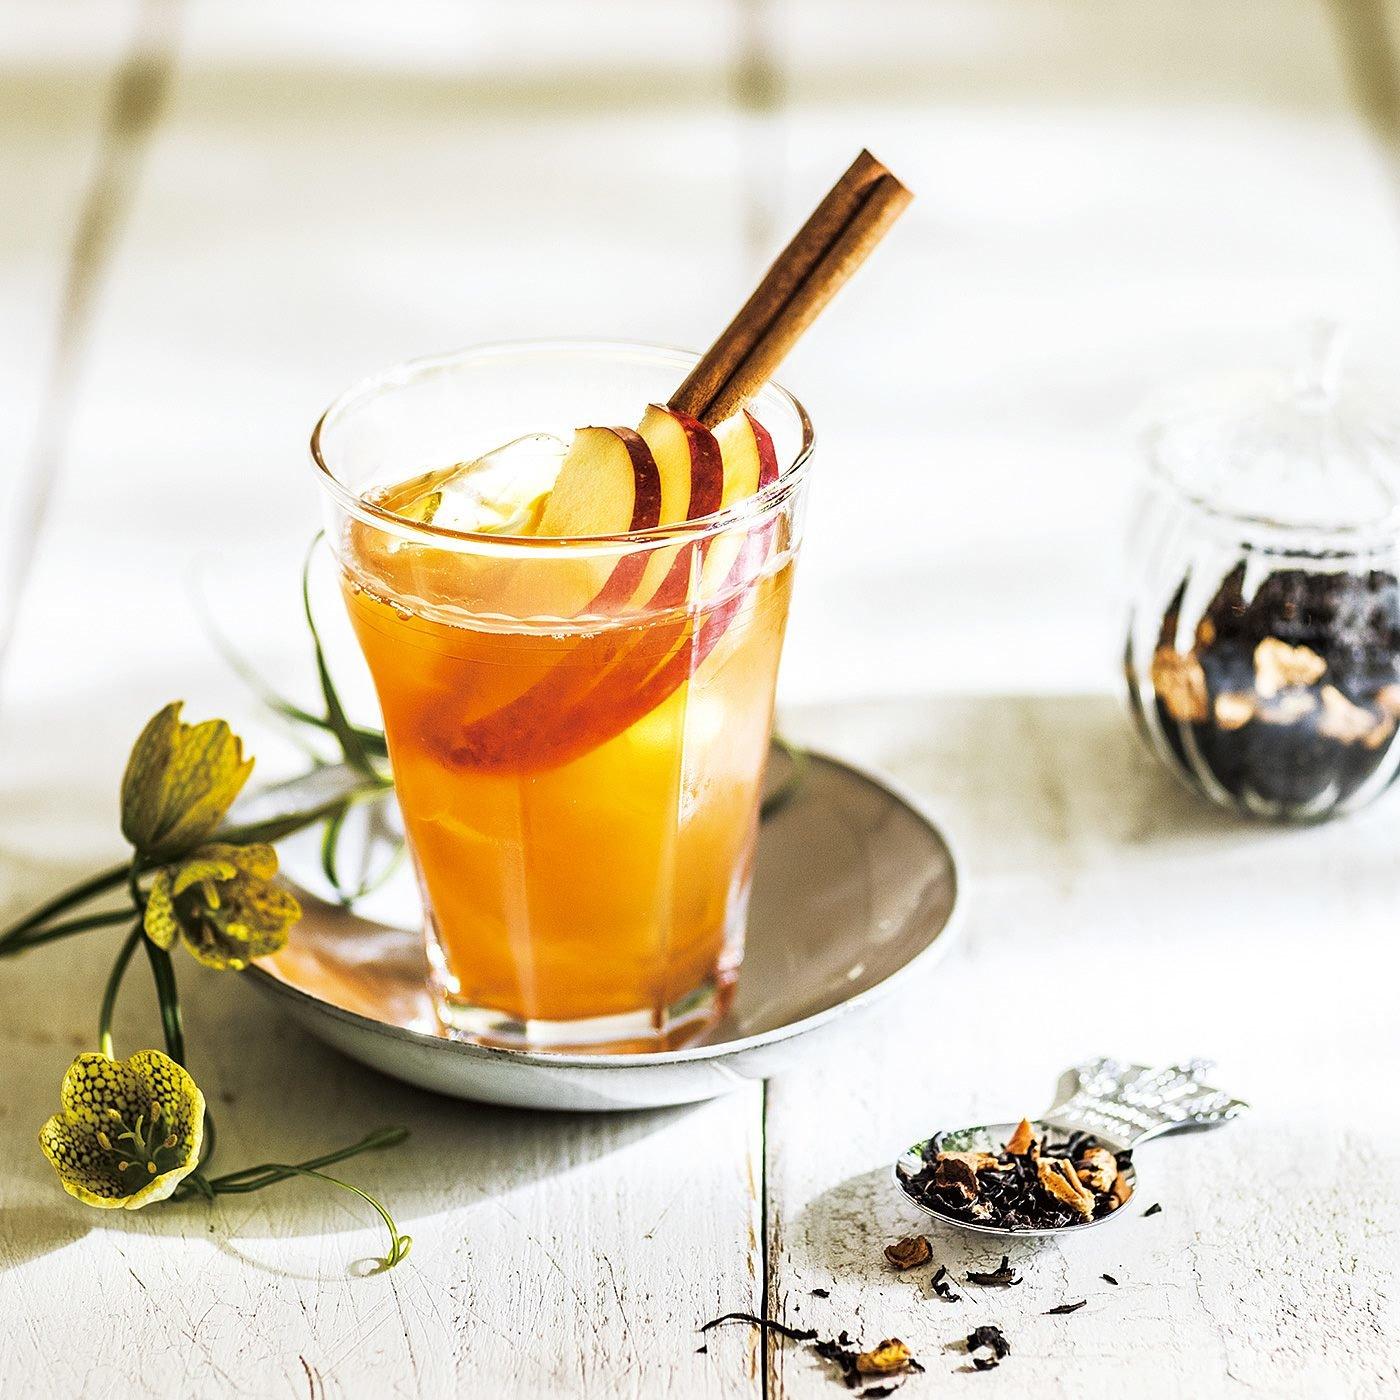 神戸紅茶 紅茶鑑定士がブレンドした おすすめ紅茶12選を味わう会(12回予約)